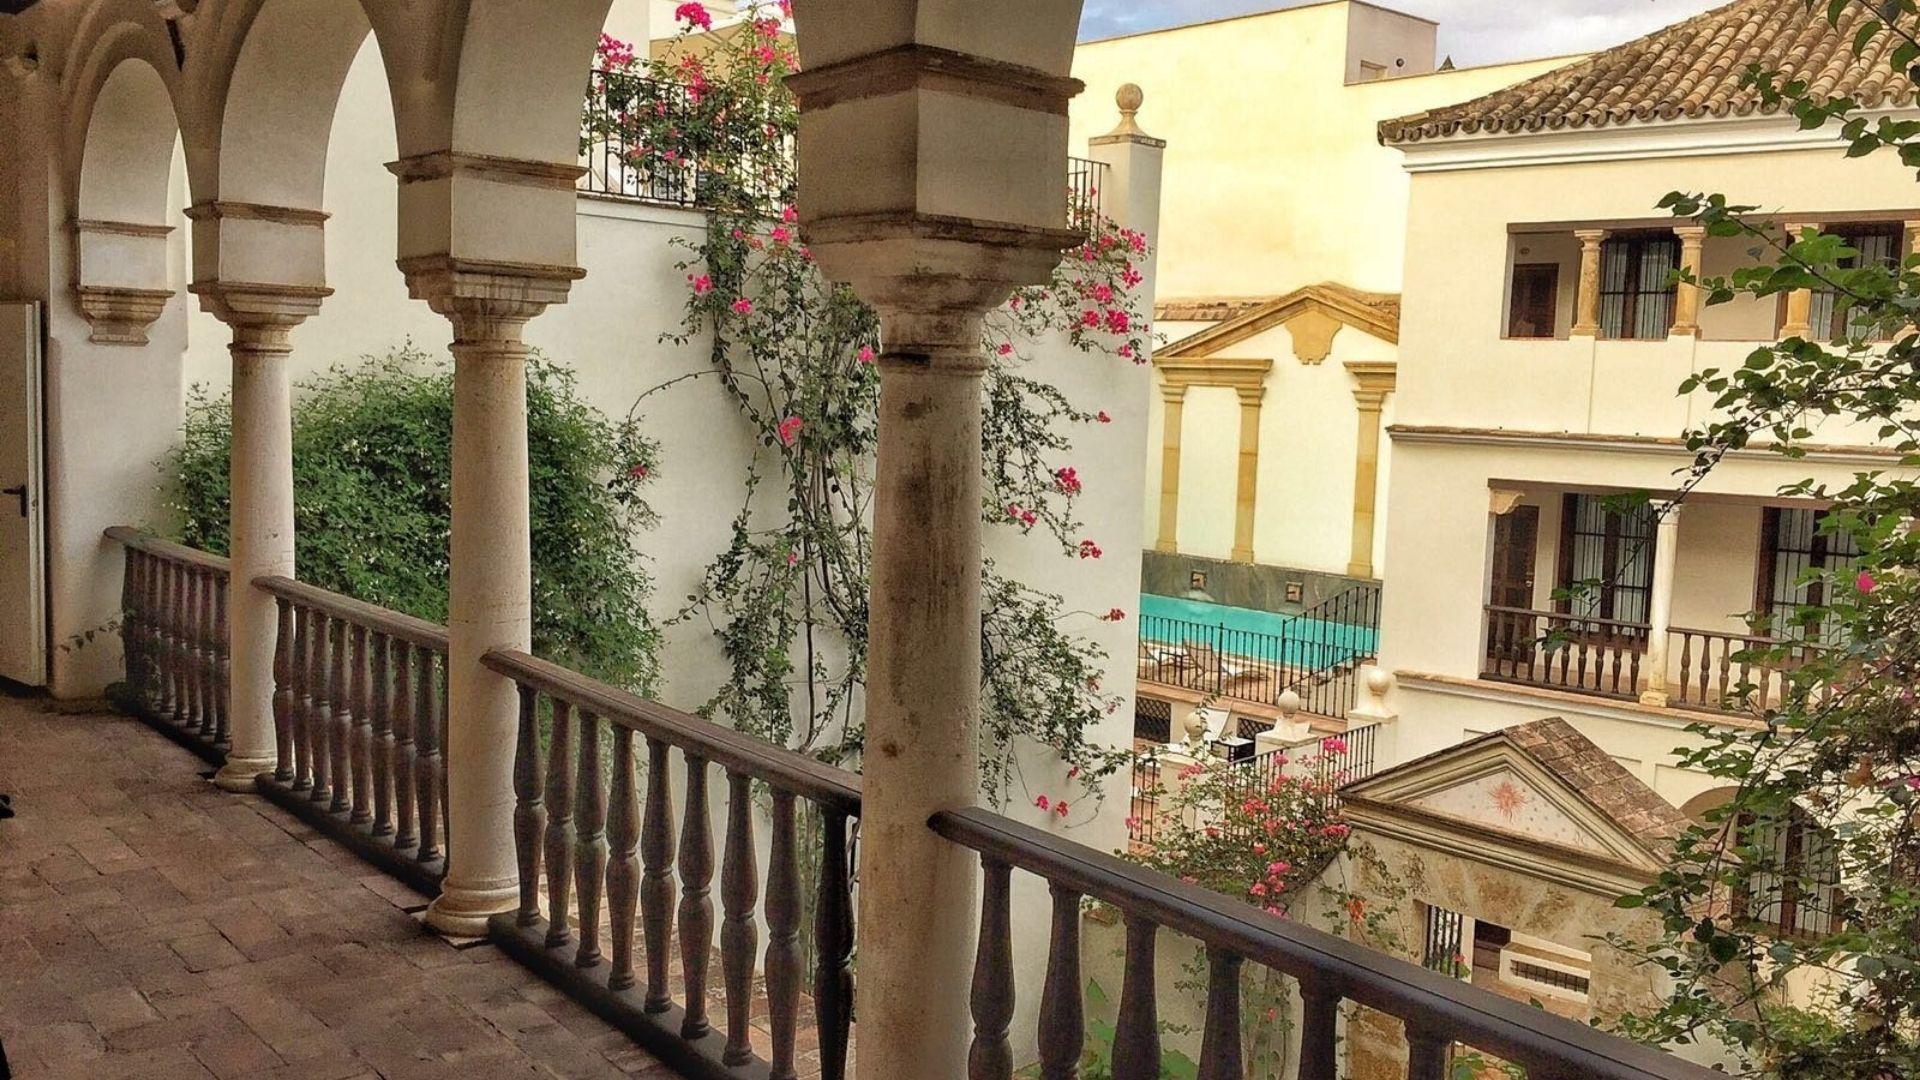 Las Casas de la Judería de Córdoba - Courtyard